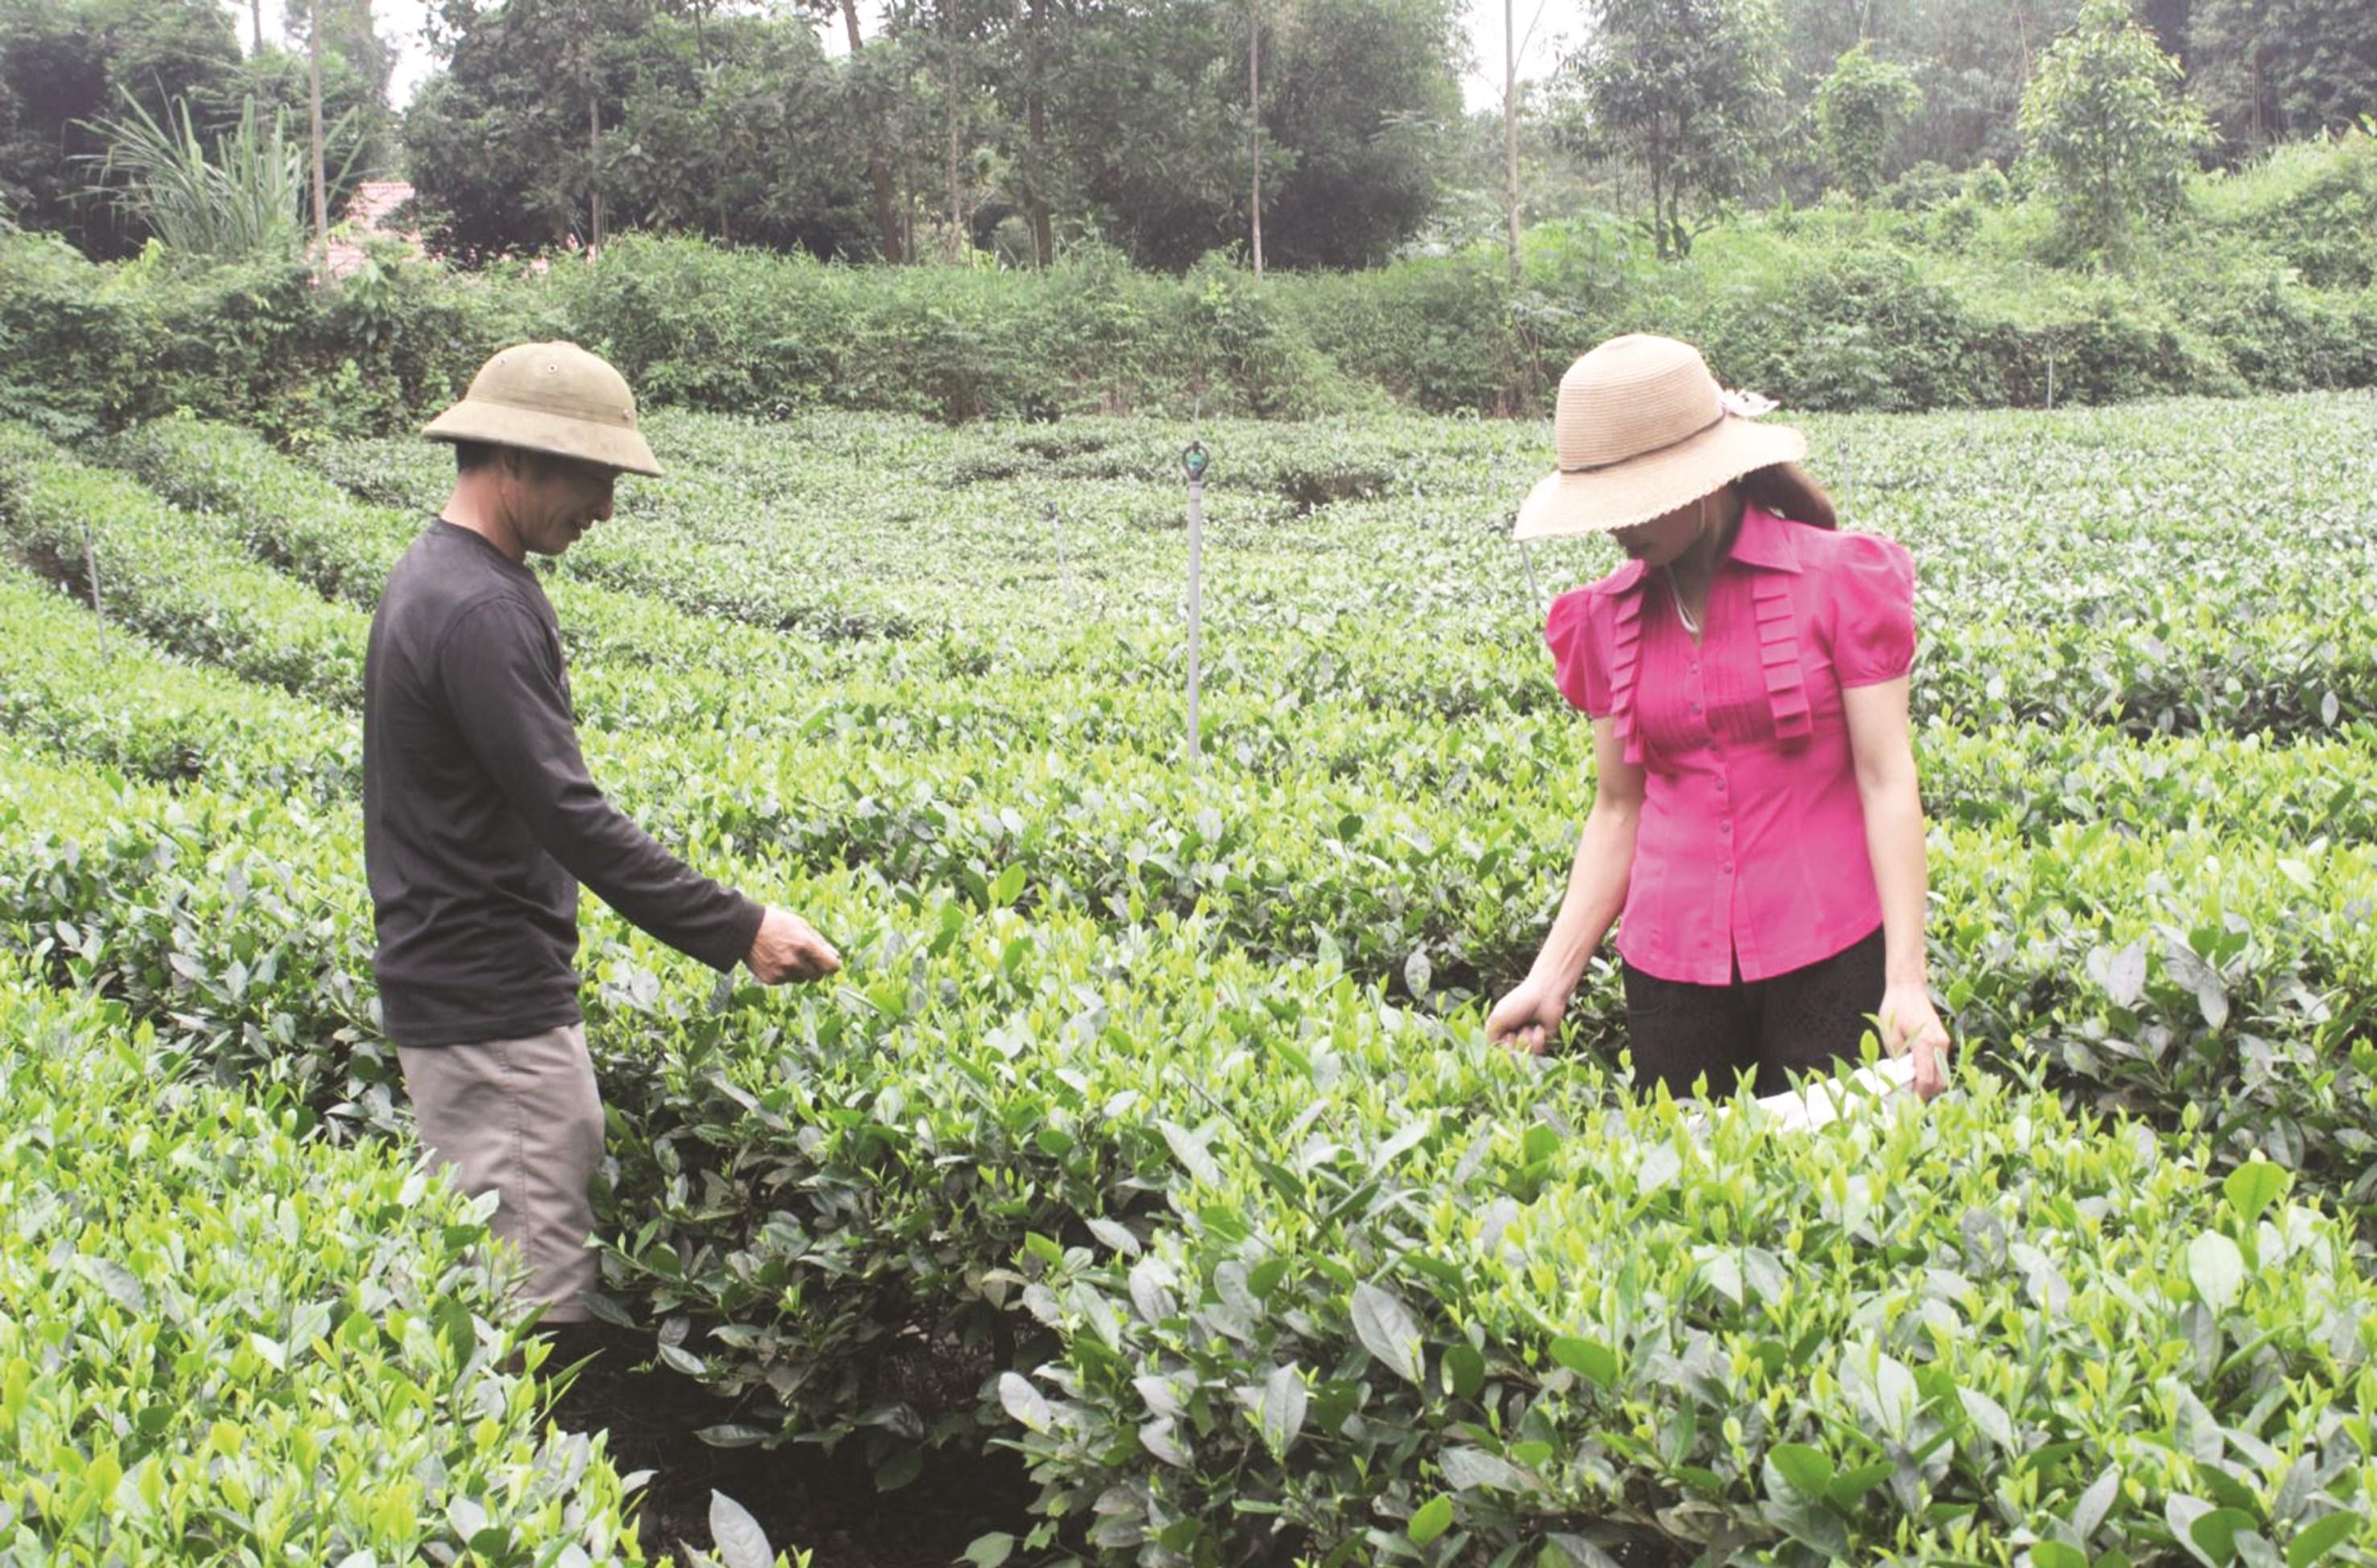 Dự án Hỗ trợ phát triển sản xuất (Chương trình 135), giúp người dân xã Liên Minh (Võ Nhai) phát triển sản xuất từ cây chè. Ảnh tư liệu